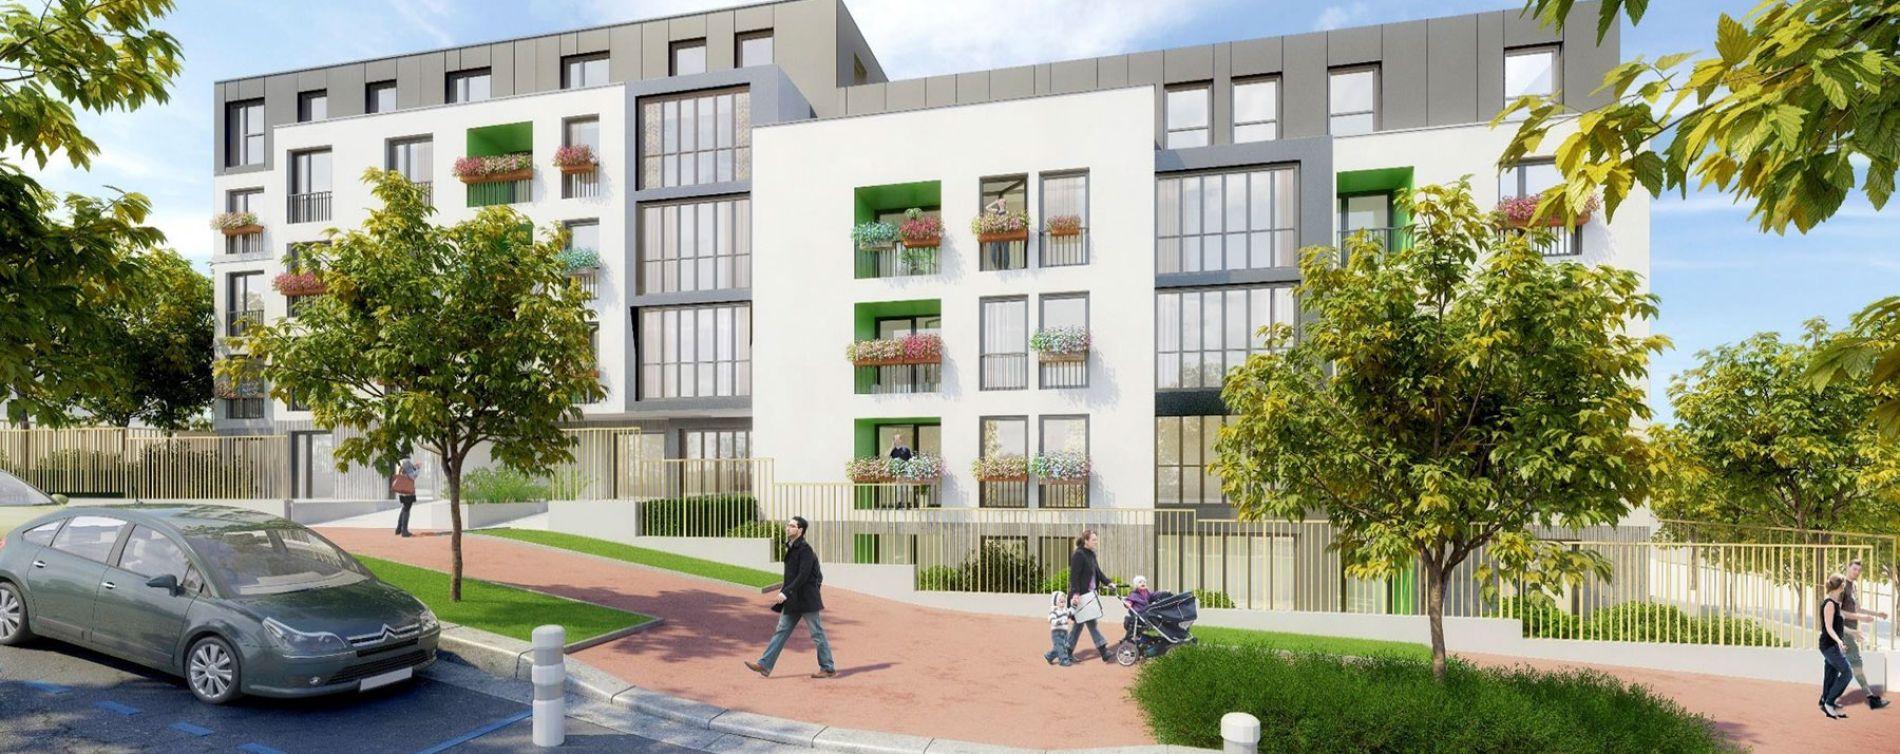 Résidence Cap Centre à Boissy-Saint-Léger